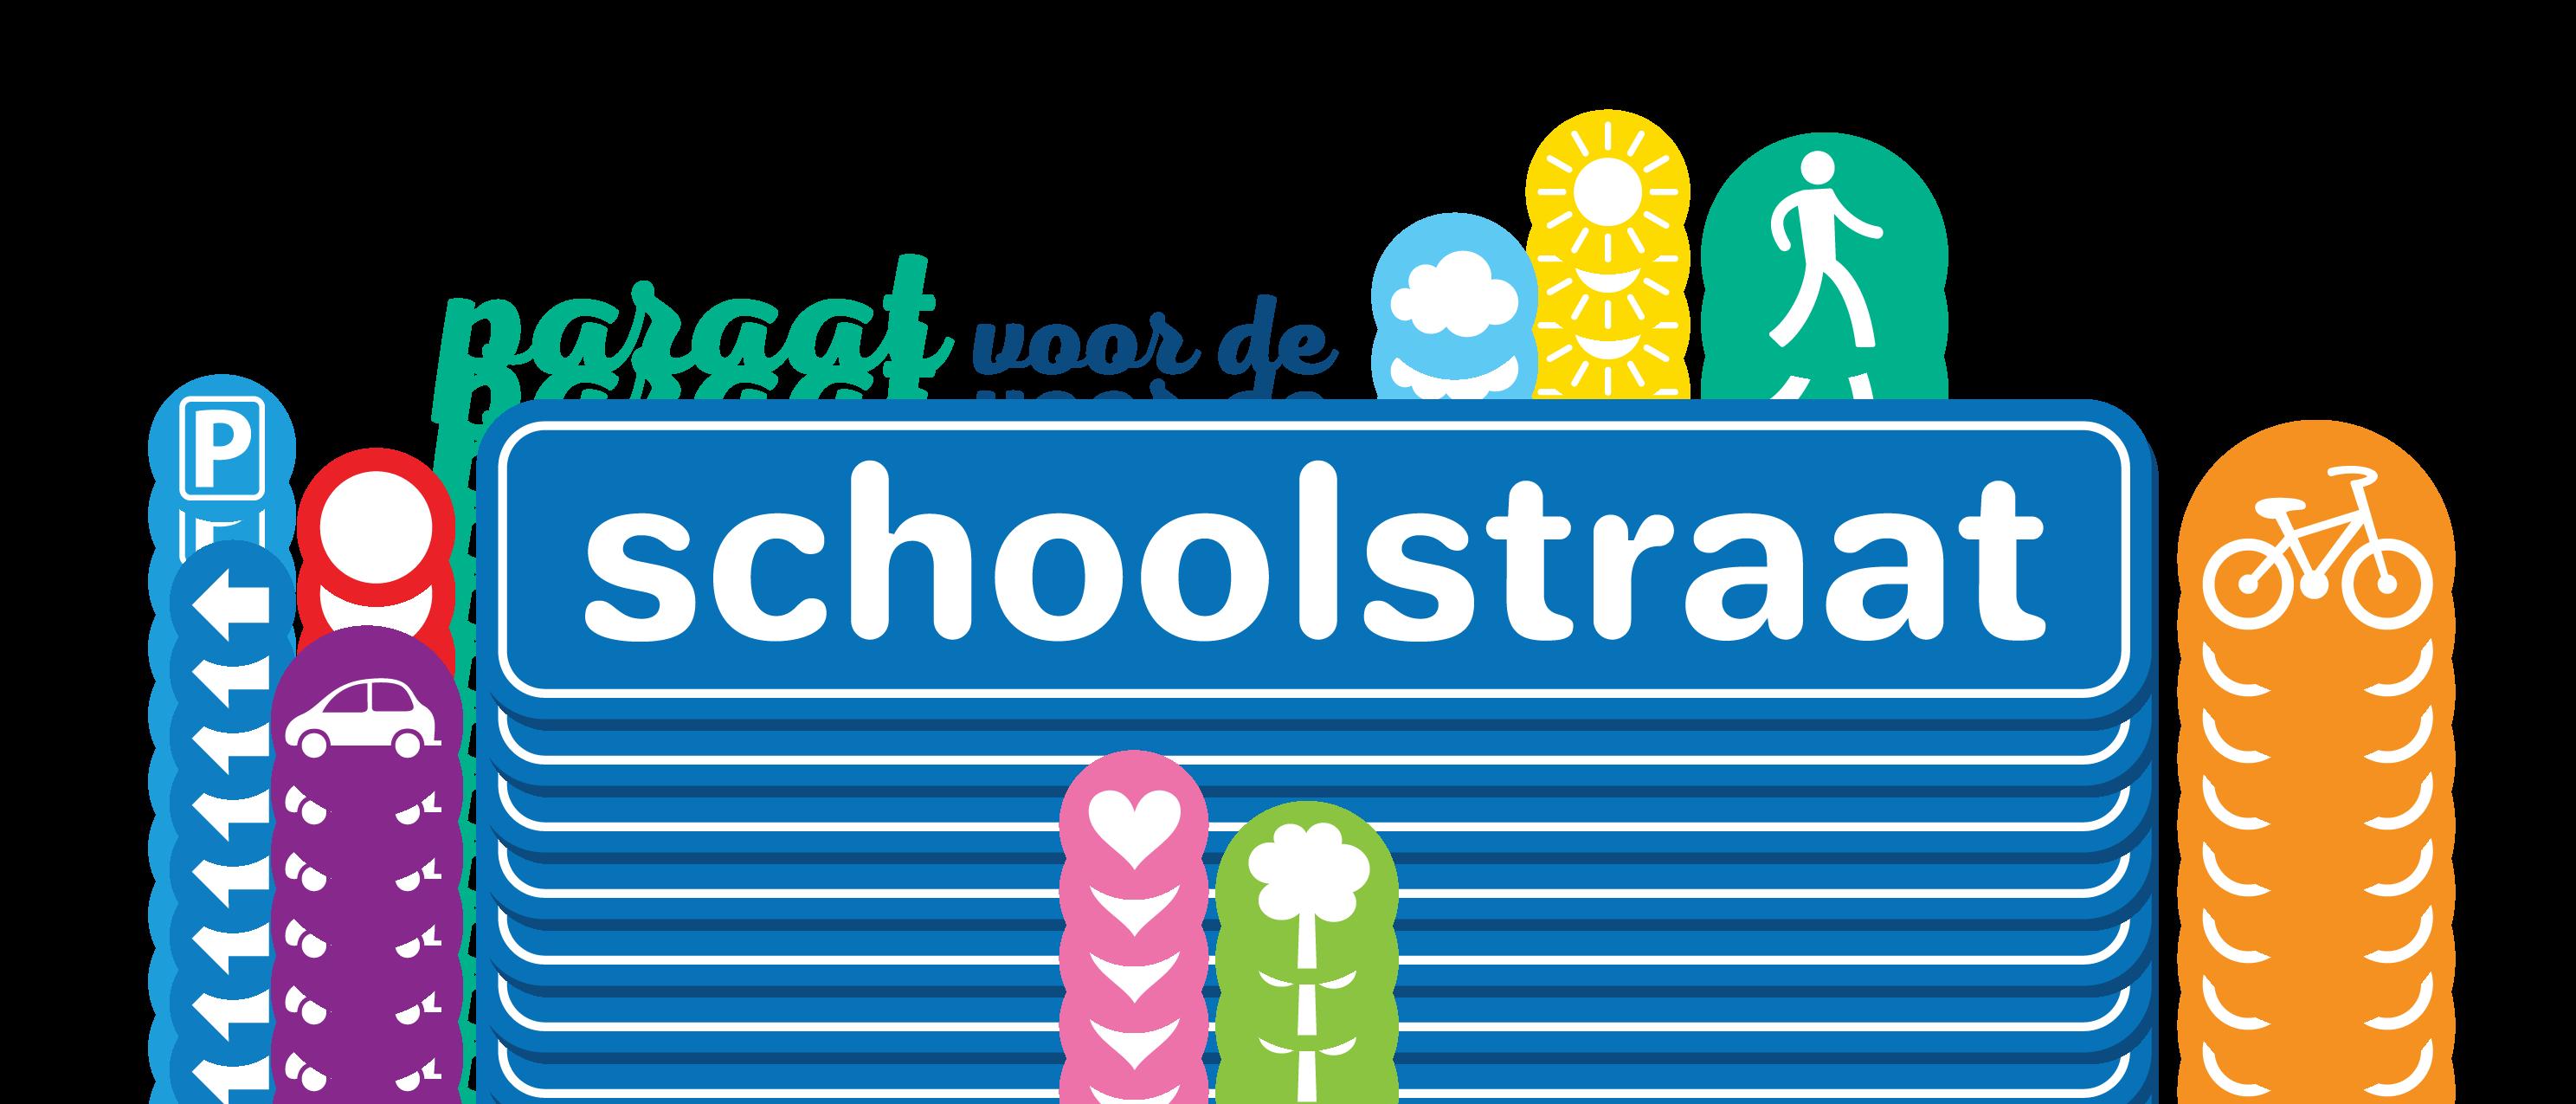 Logo Paraat voor de schoolstraat voor Infopunt Publieke Ruimte